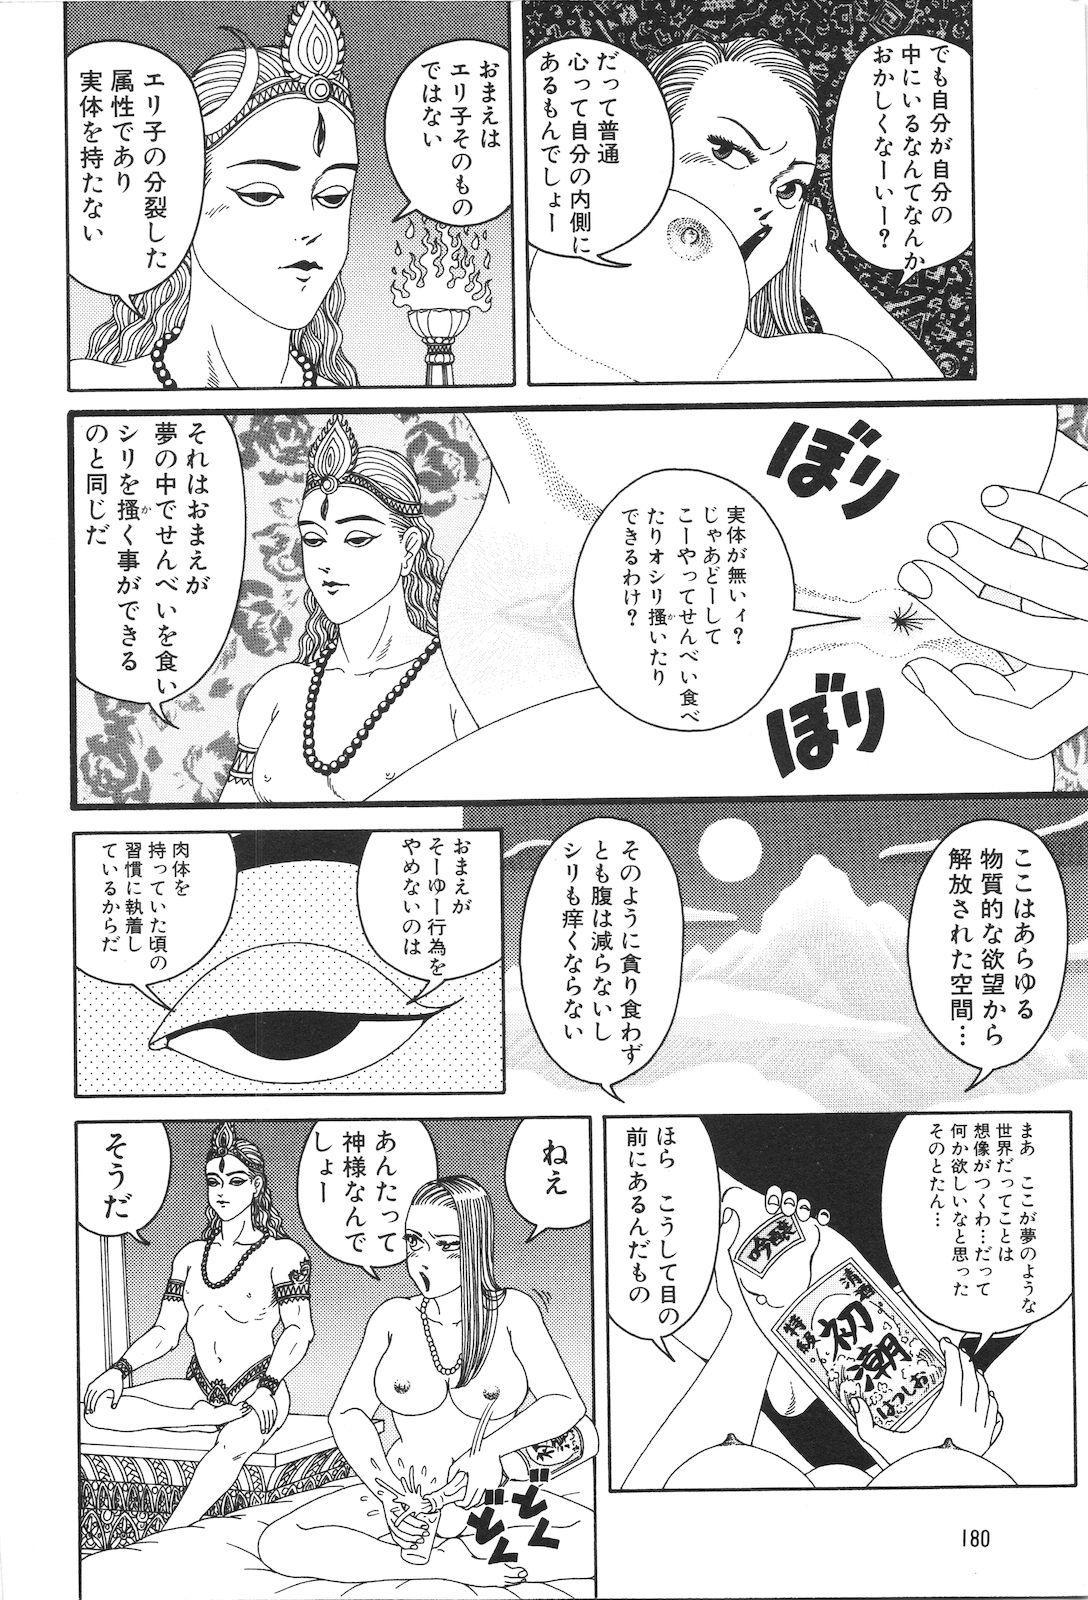 Dobusarai Gekijou 181